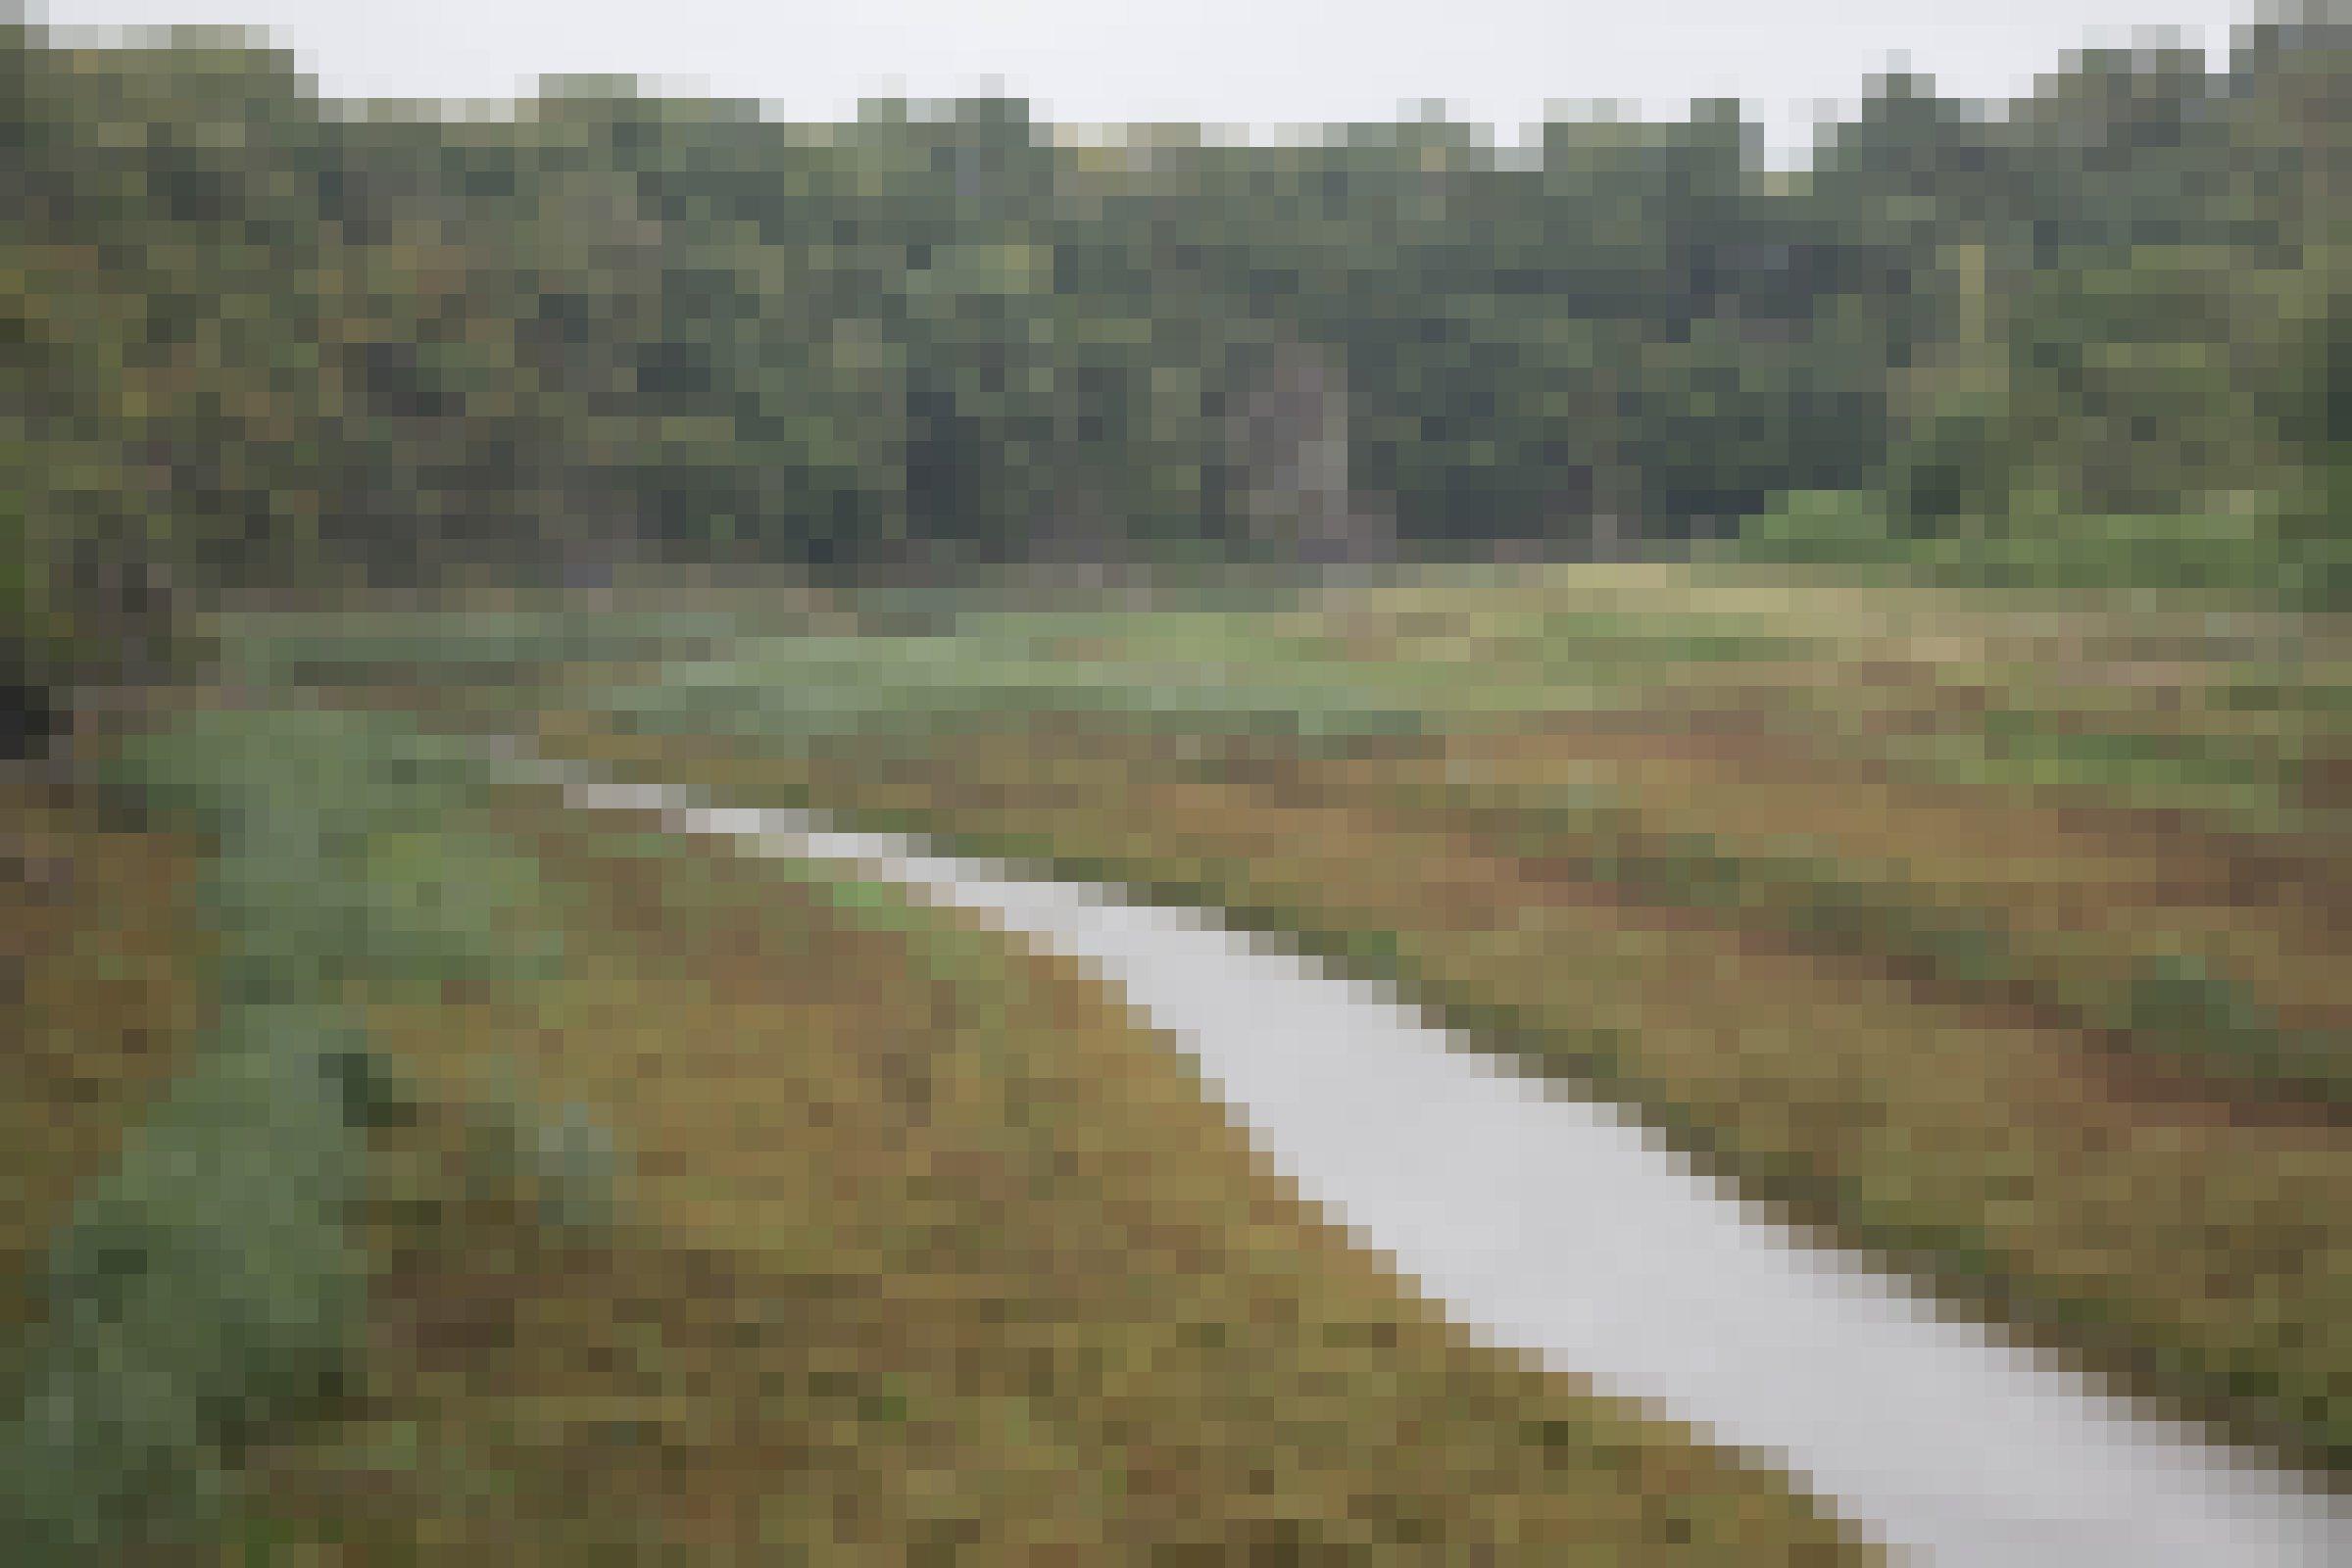 Fluss in seinem flachen Tal mit Bewuchs und Wald dahinter